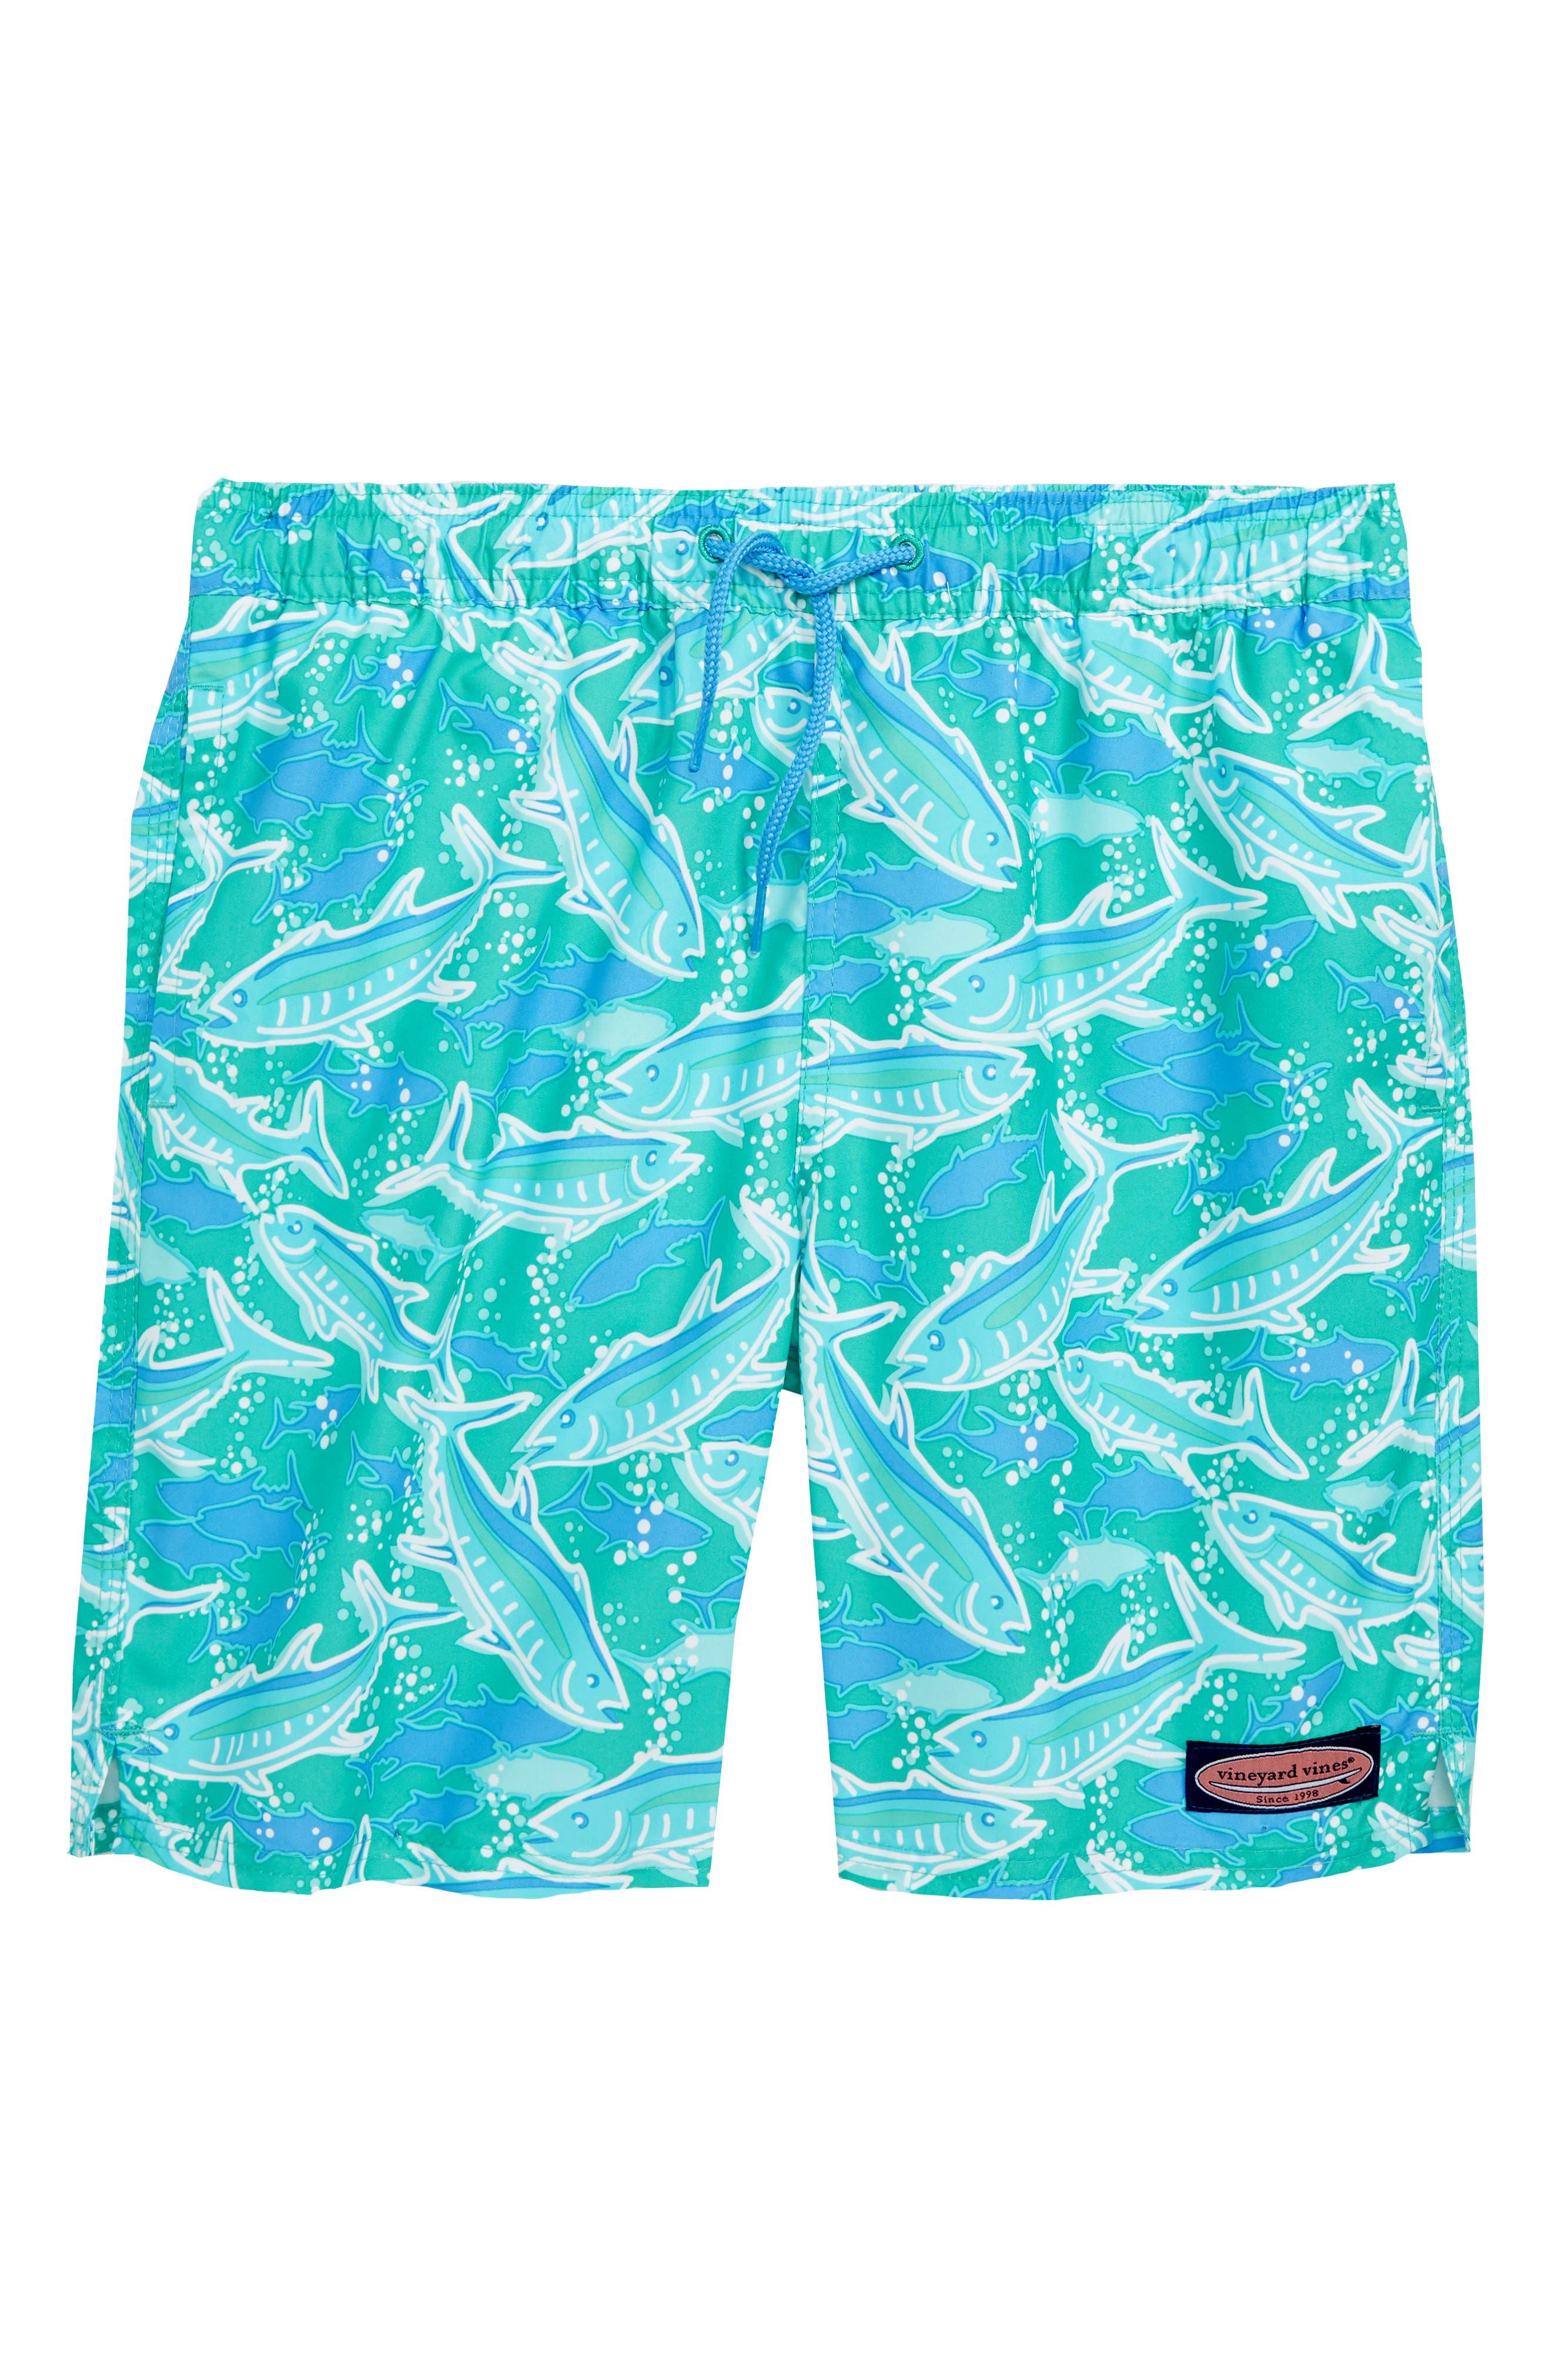 Chappy School of Tuna Swim Trunks,                         Main,                         color, Aquinnah Aqua